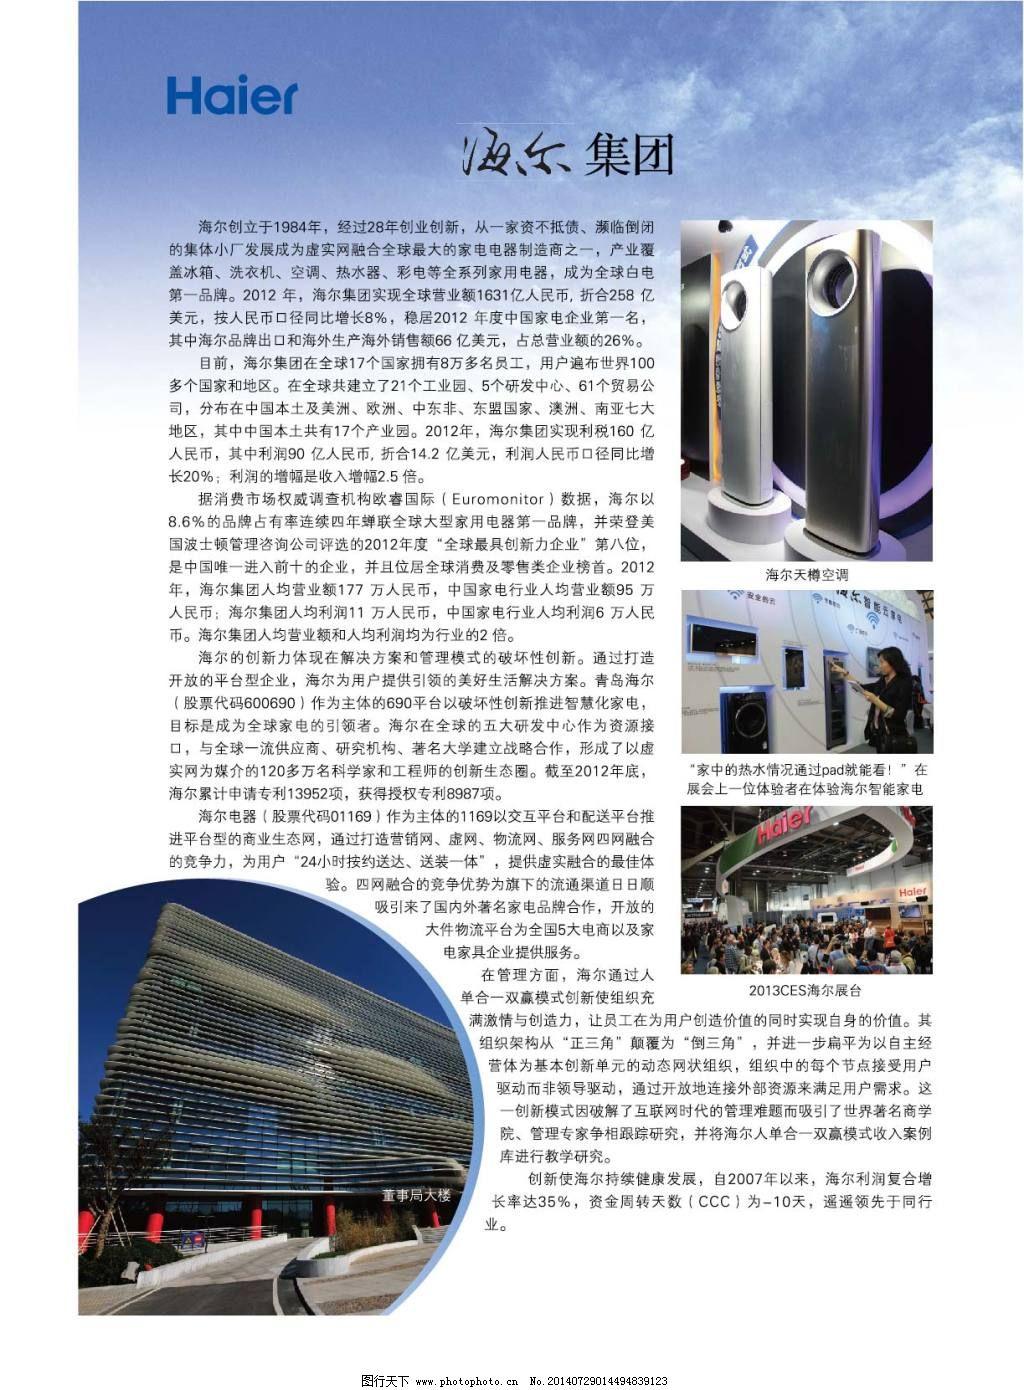 设计 海尔集团/海尔集团宣传单设计